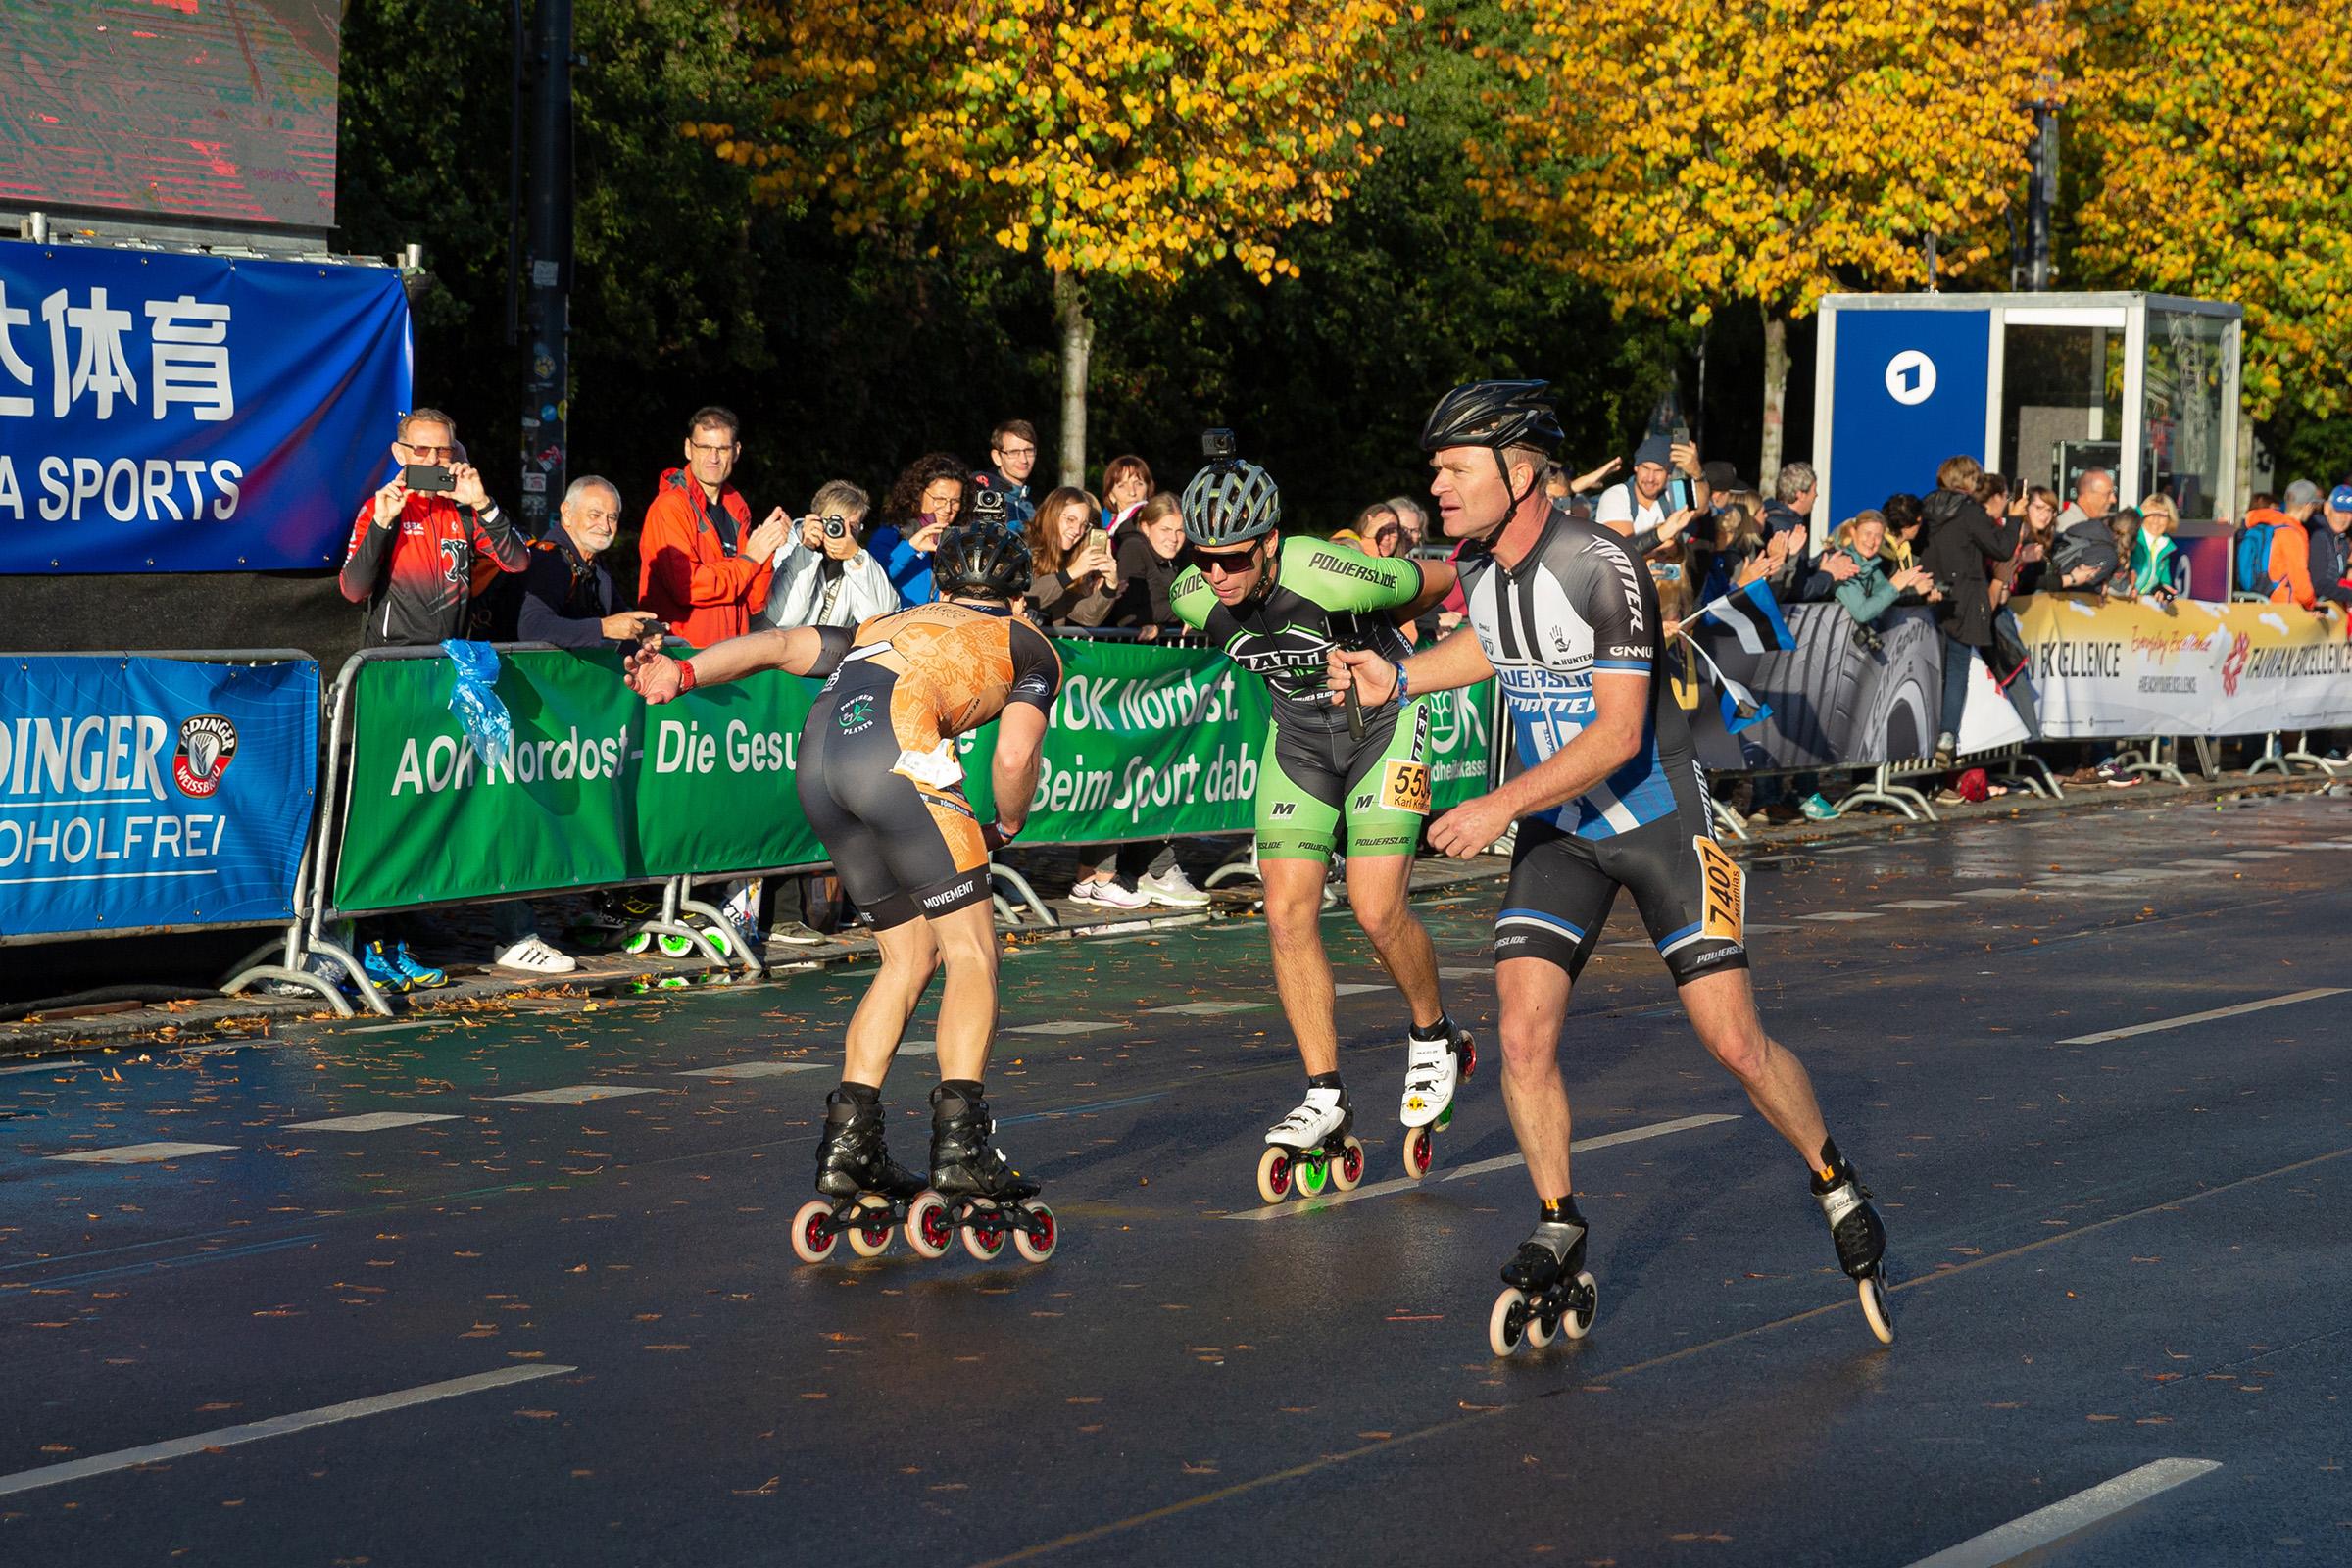 Berliini maraton 2019 Foto: erakogu